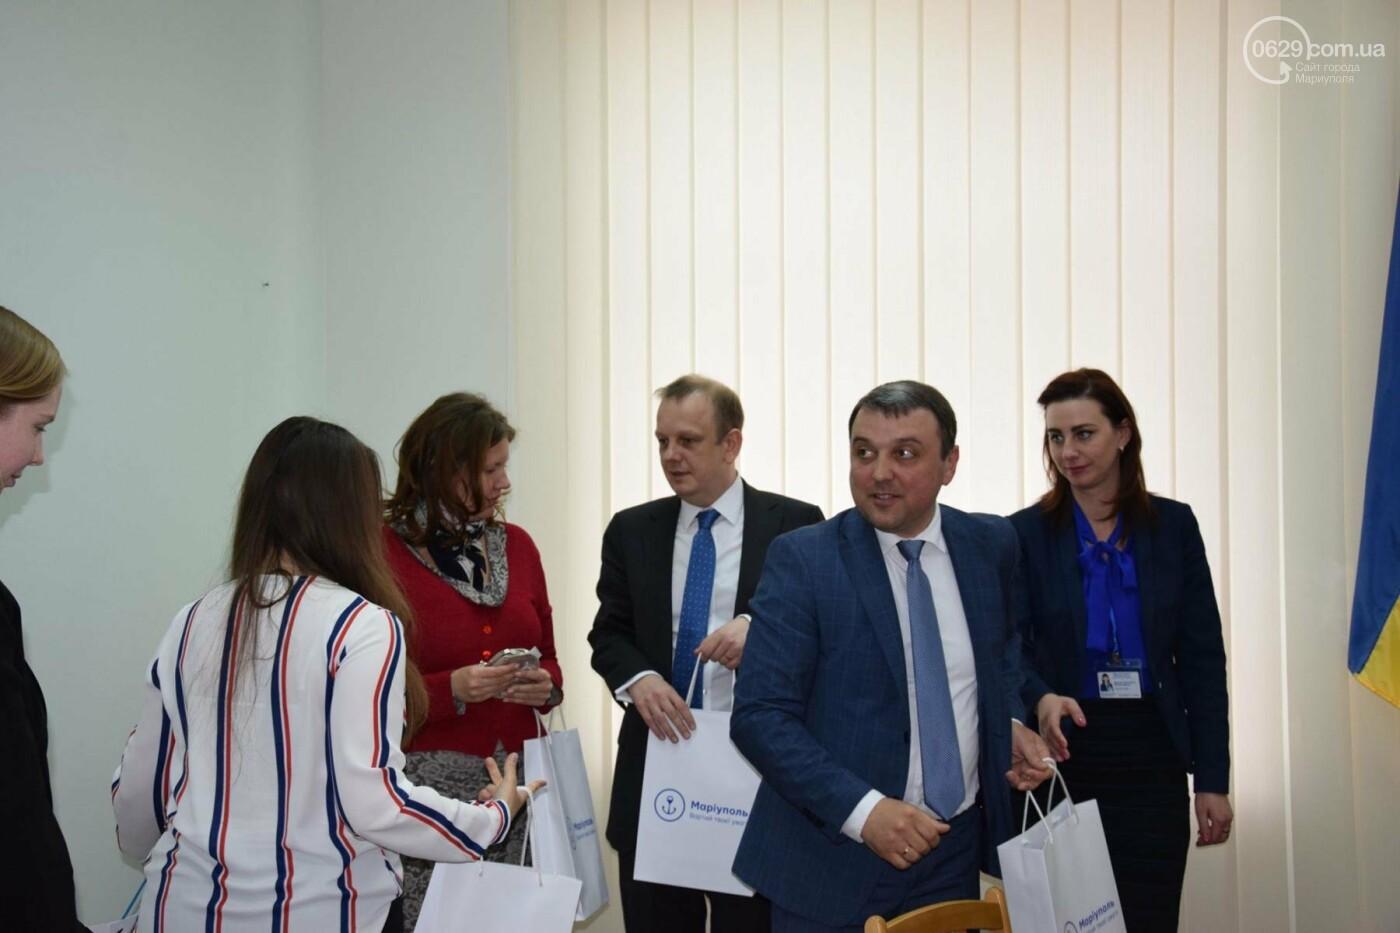 Чрезвычайный и полномочный посол Эстонии приехал в Мариуполь на разведку (ФОТО, ВИДЕО), фото-7